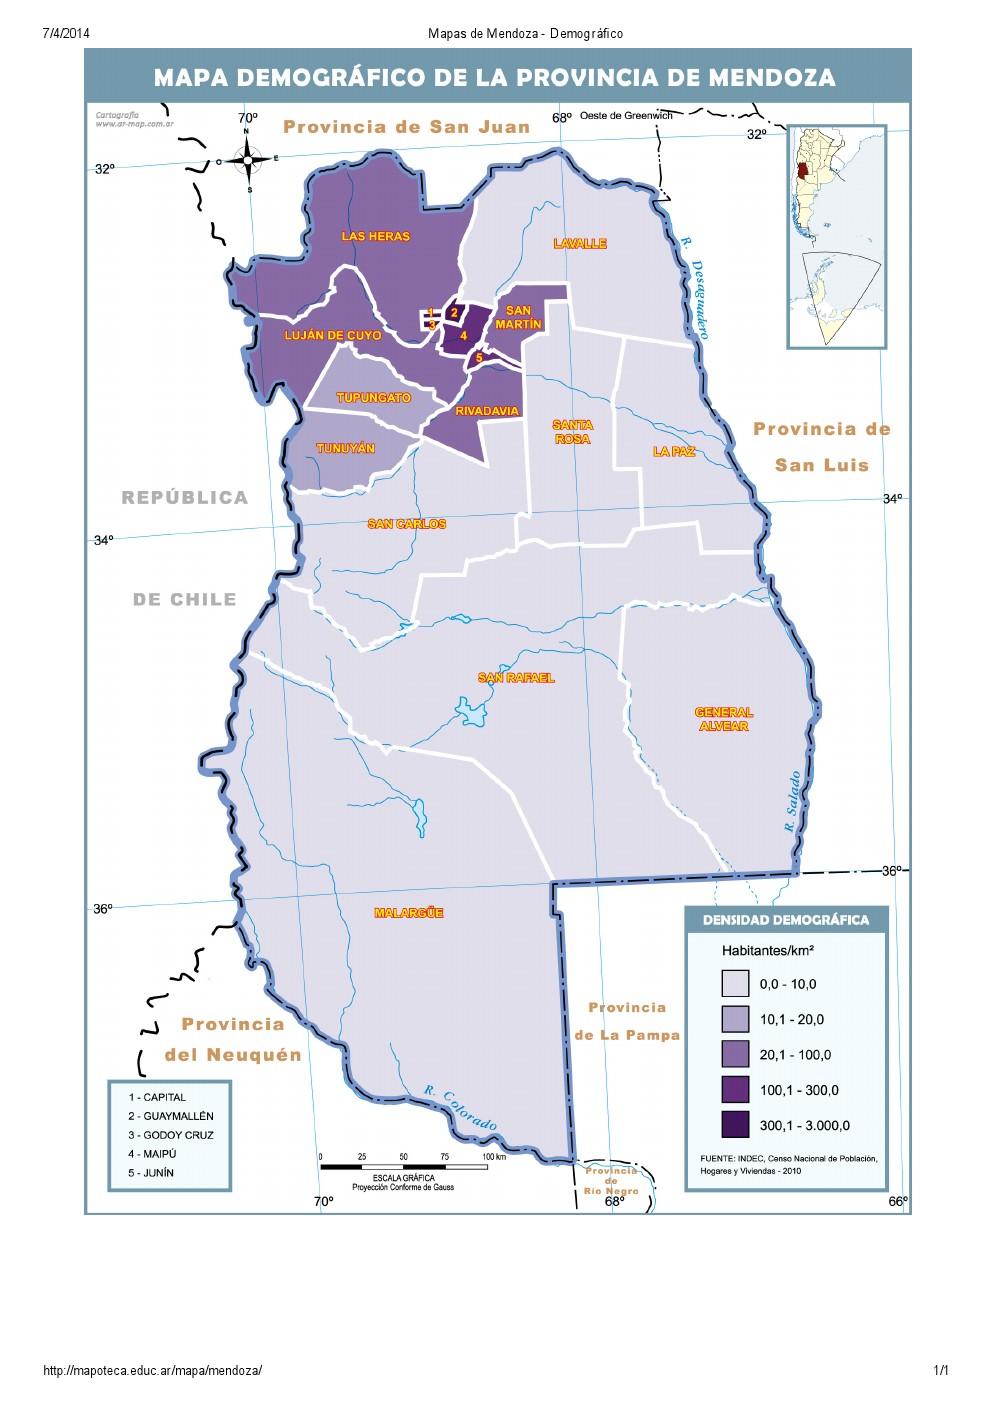 Mapa demográfico de Mendoza. Mapoteca de Educ.ar